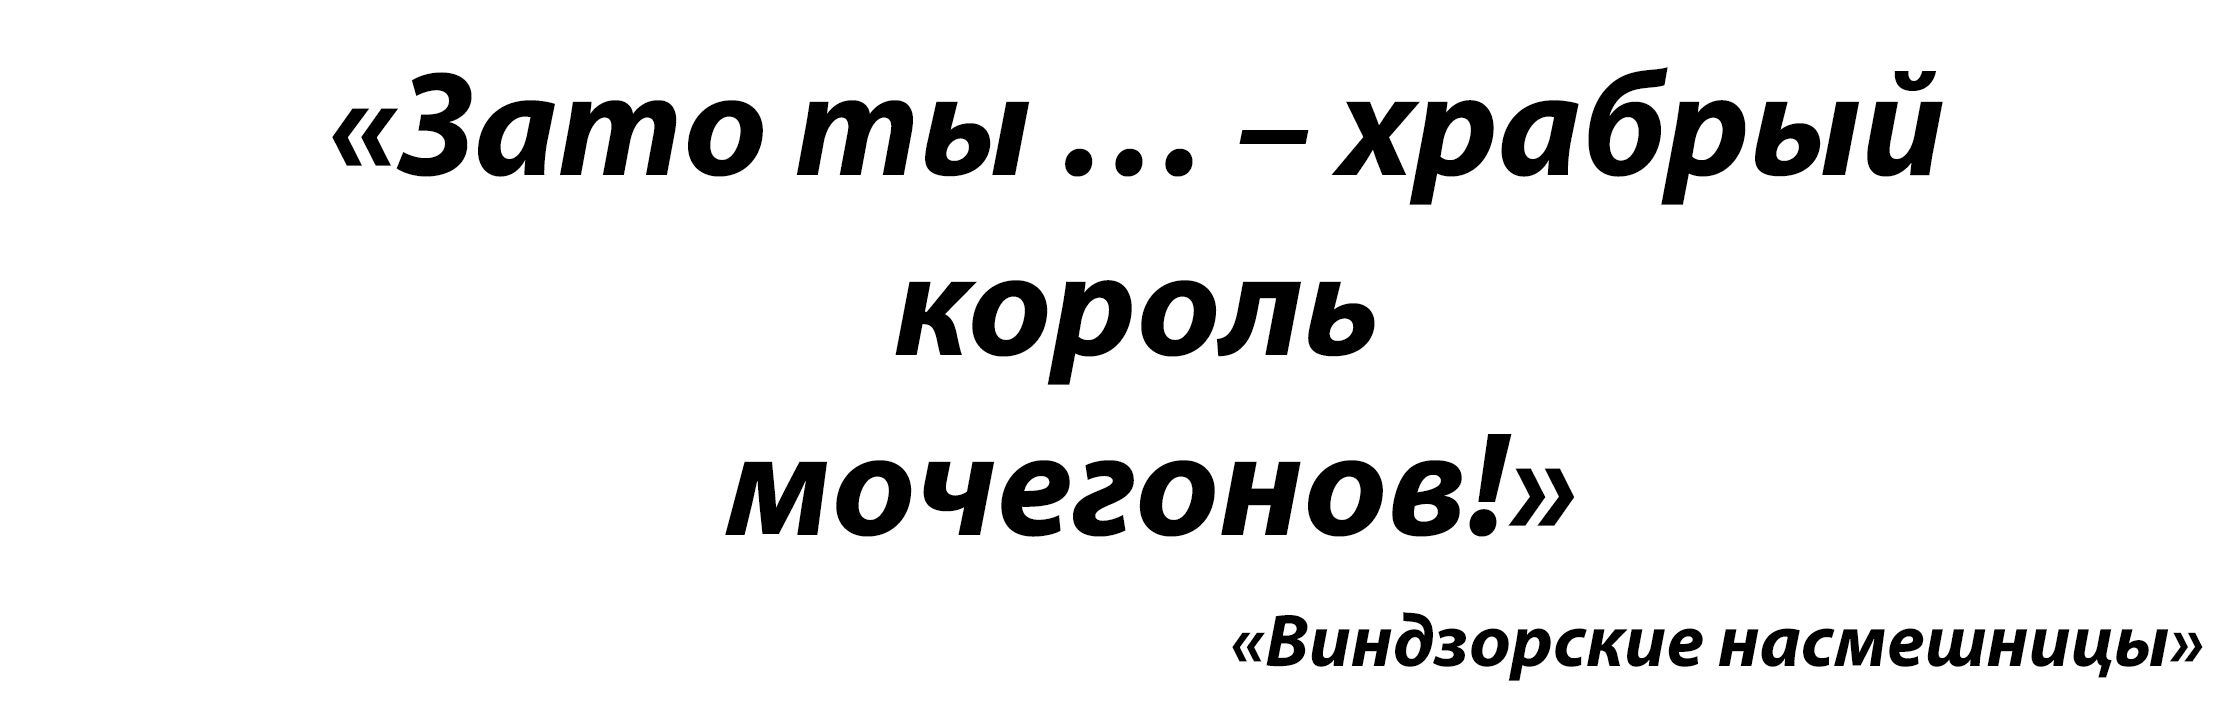 1596708051_04.jpg